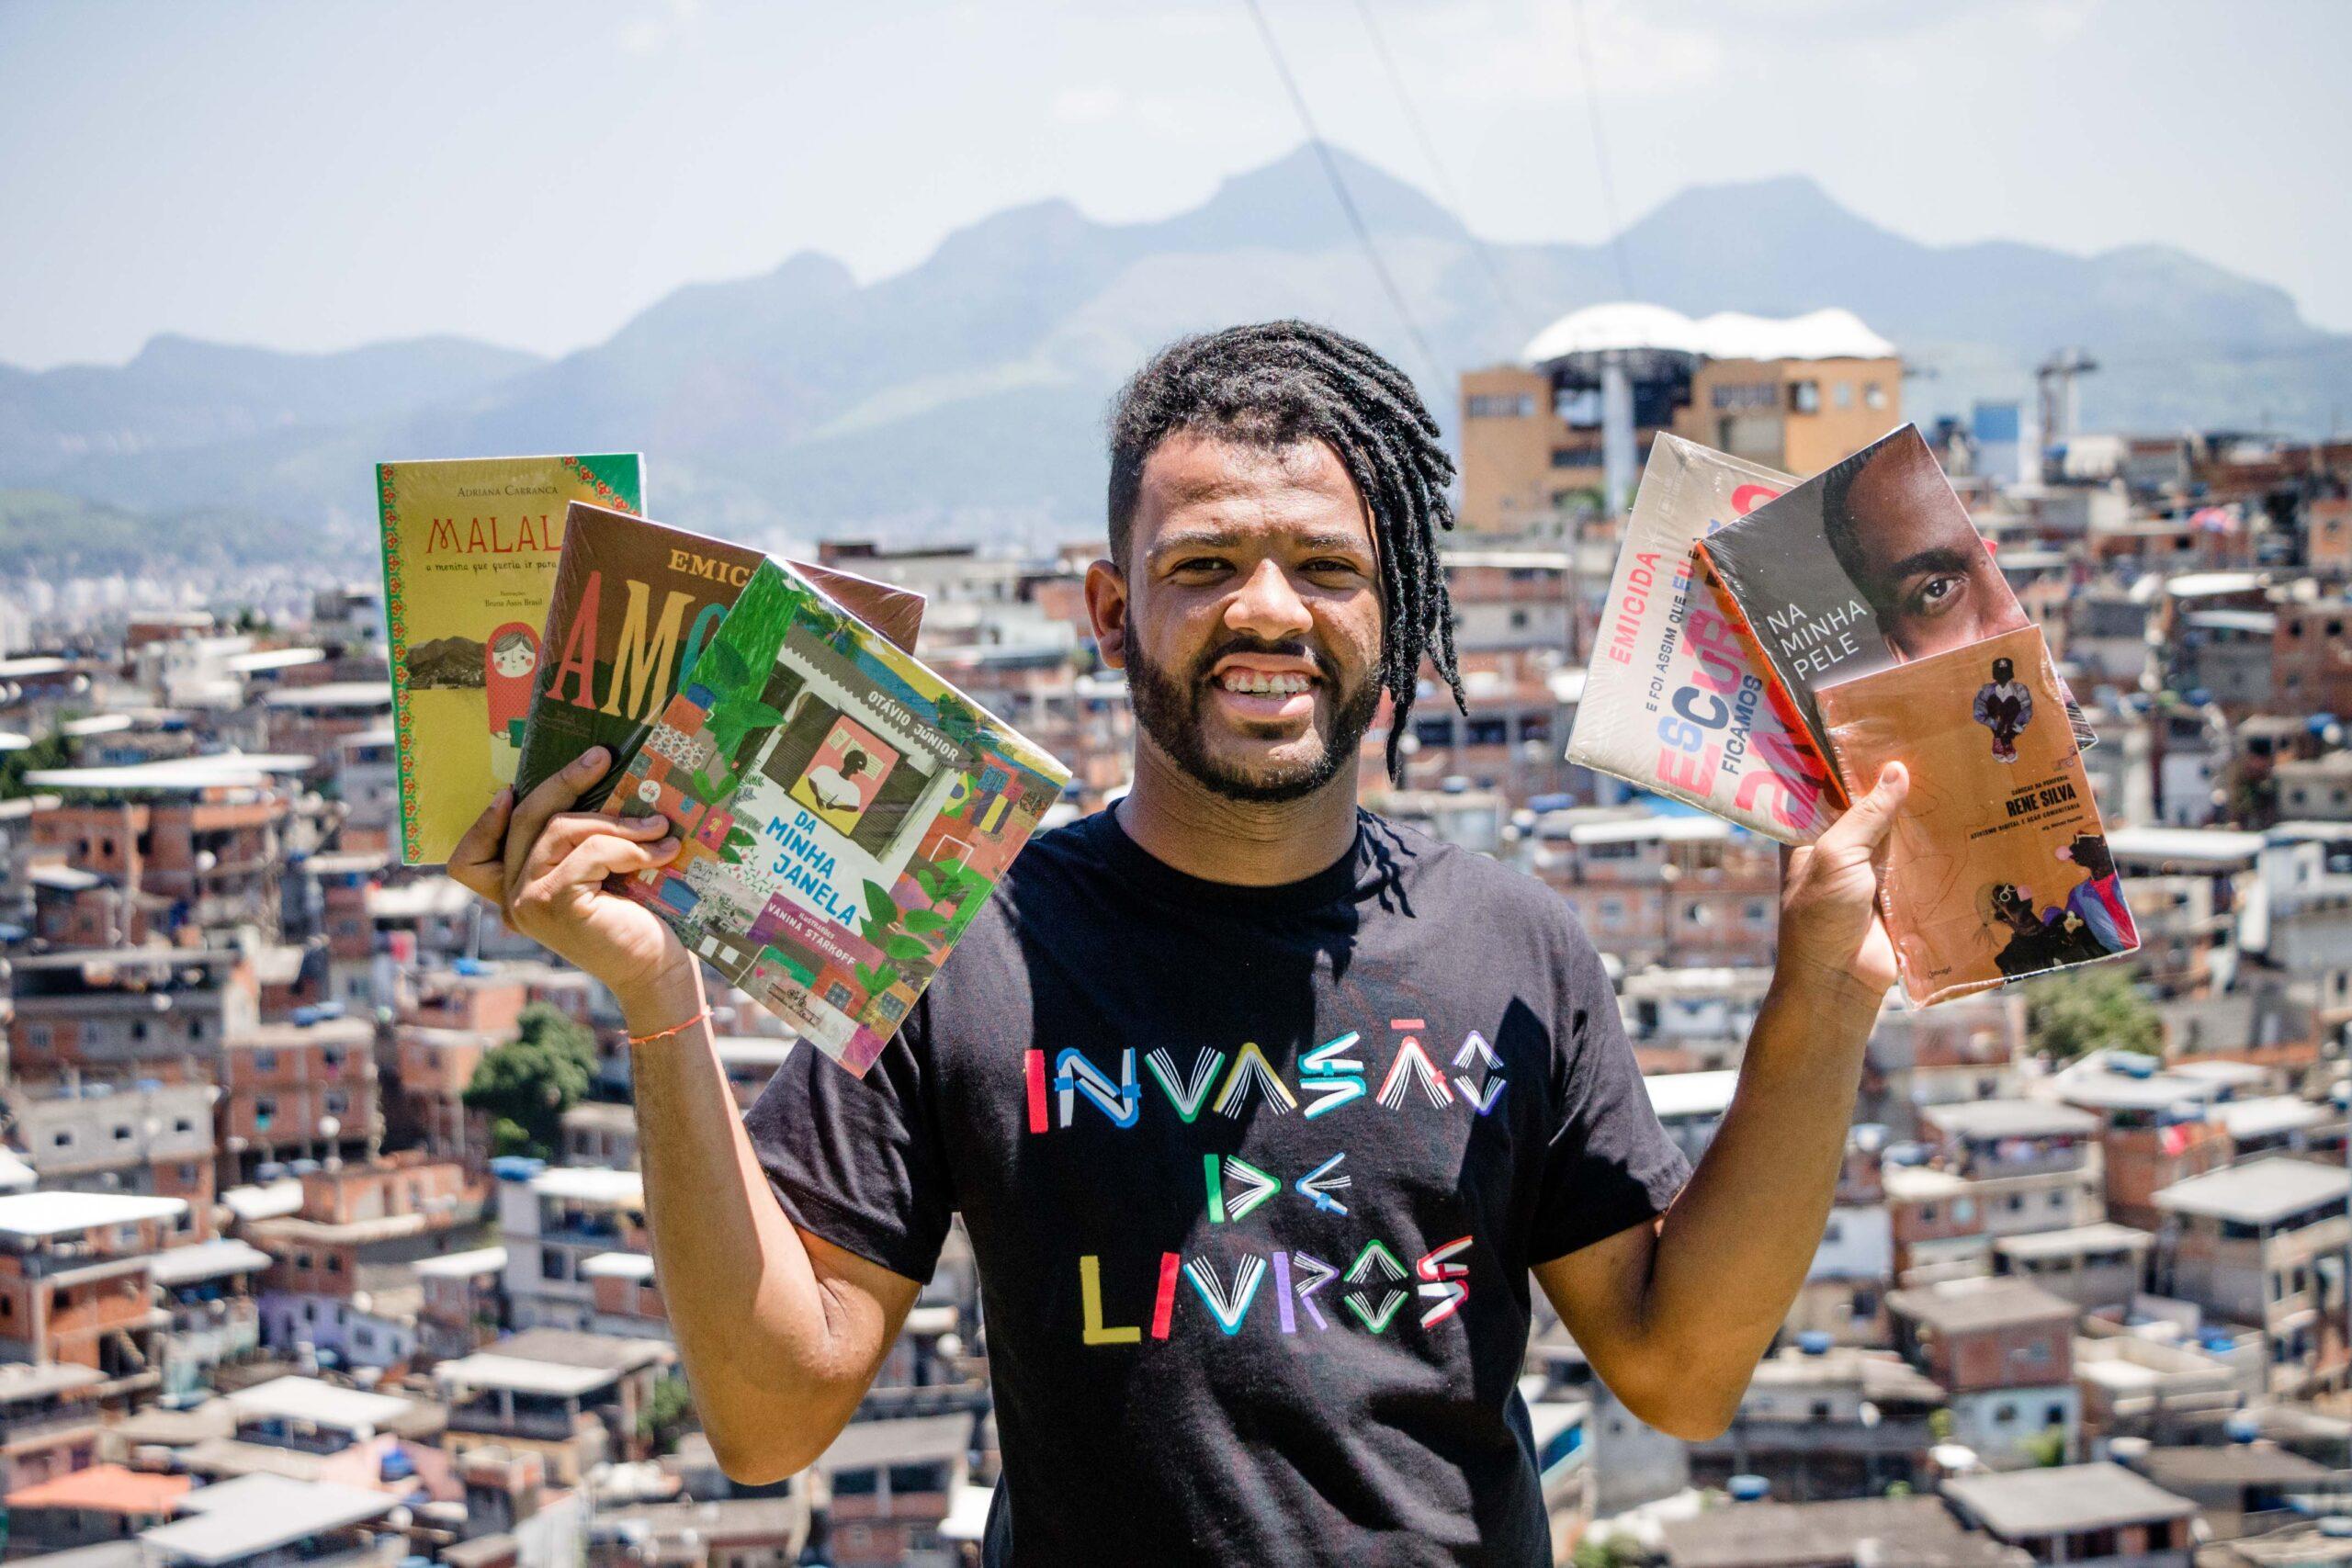 Voz das Comunidades promove Invasão de Livros em alusão à ocupação, que completa 10 anos